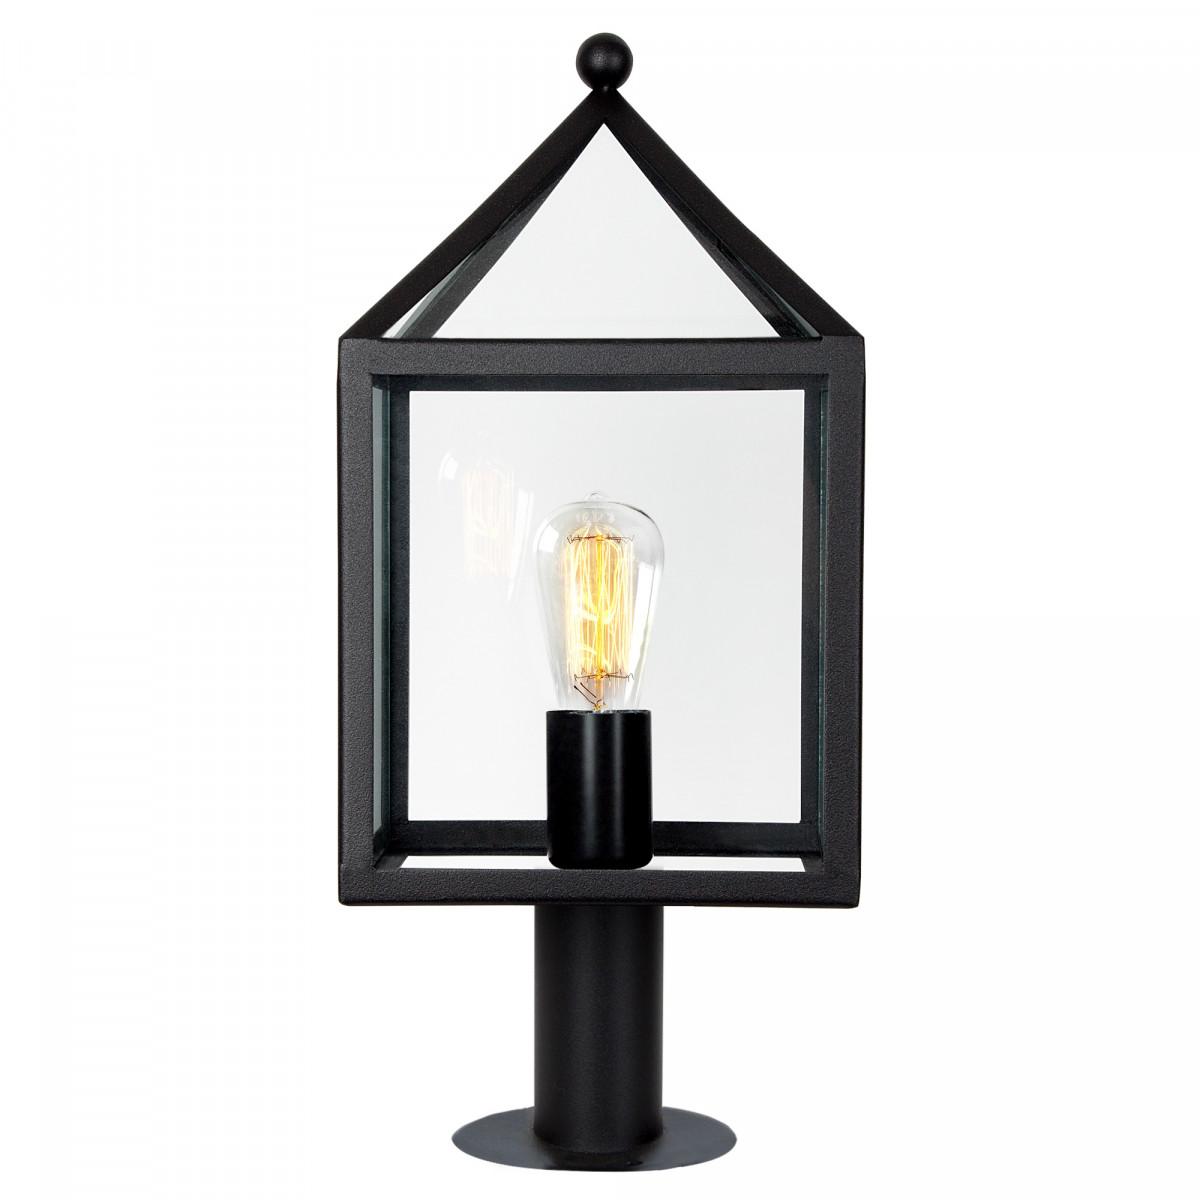 Zwarte buitenlamp staand model tuinlamp, zwart RVS frame, grote heldere glazen model Bloemendaal